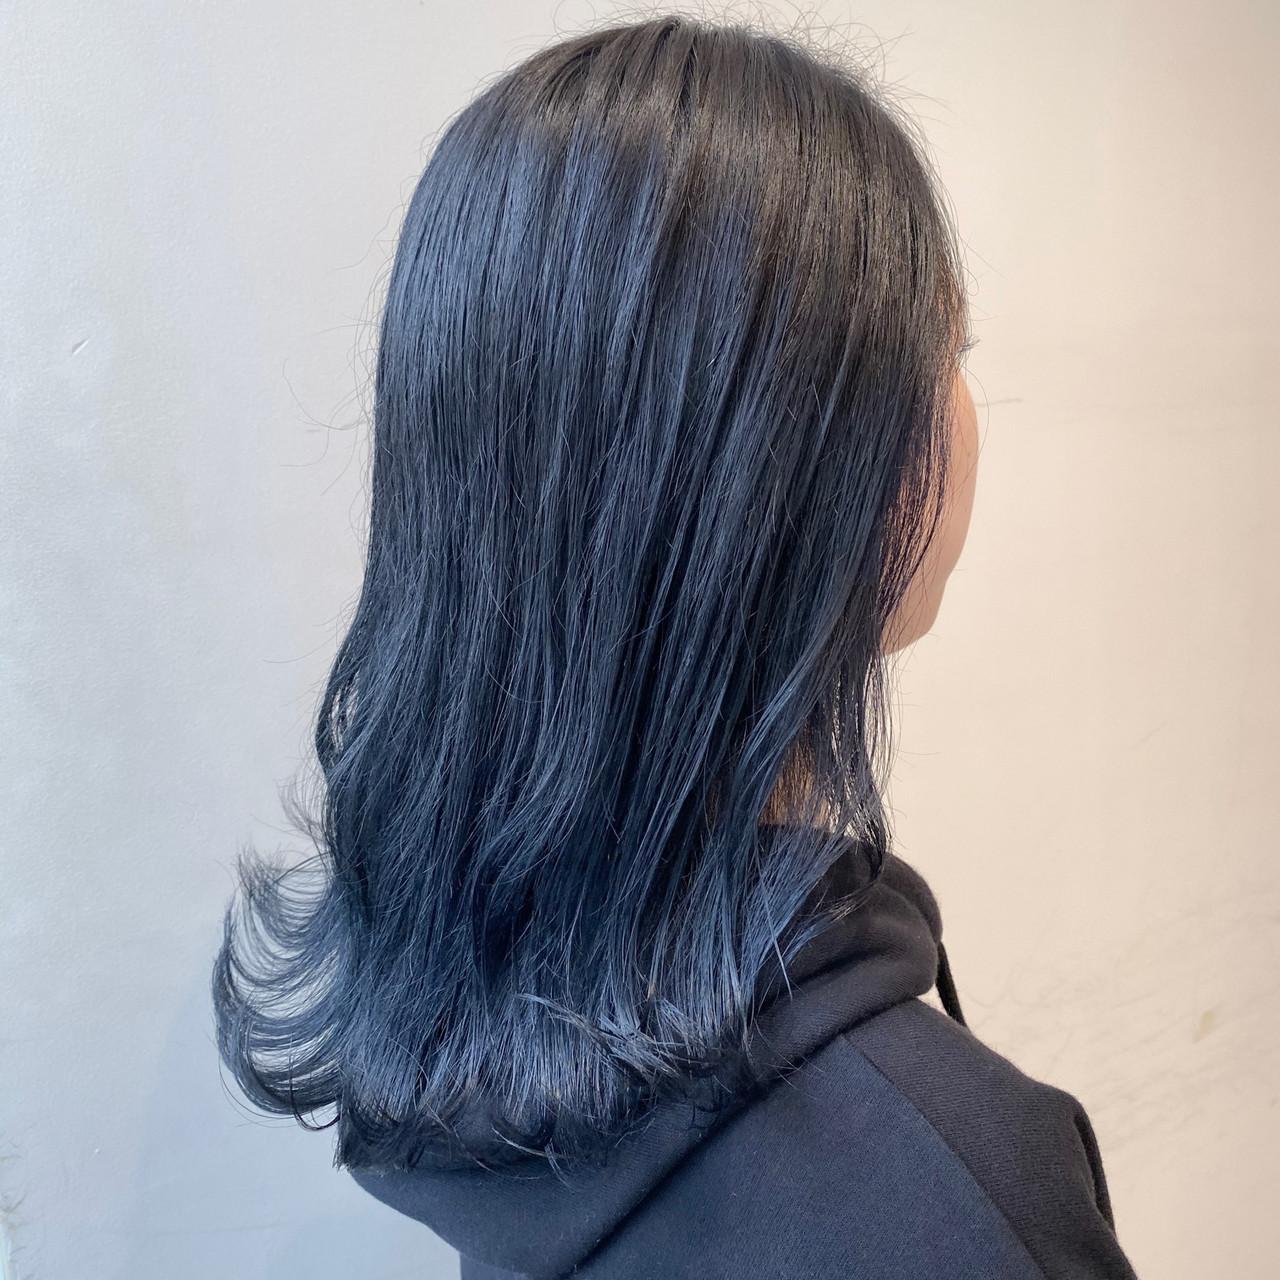 セミロング ブリーチなし 透明感カラー ナチュラル ヘアスタイルや髪型の写真・画像